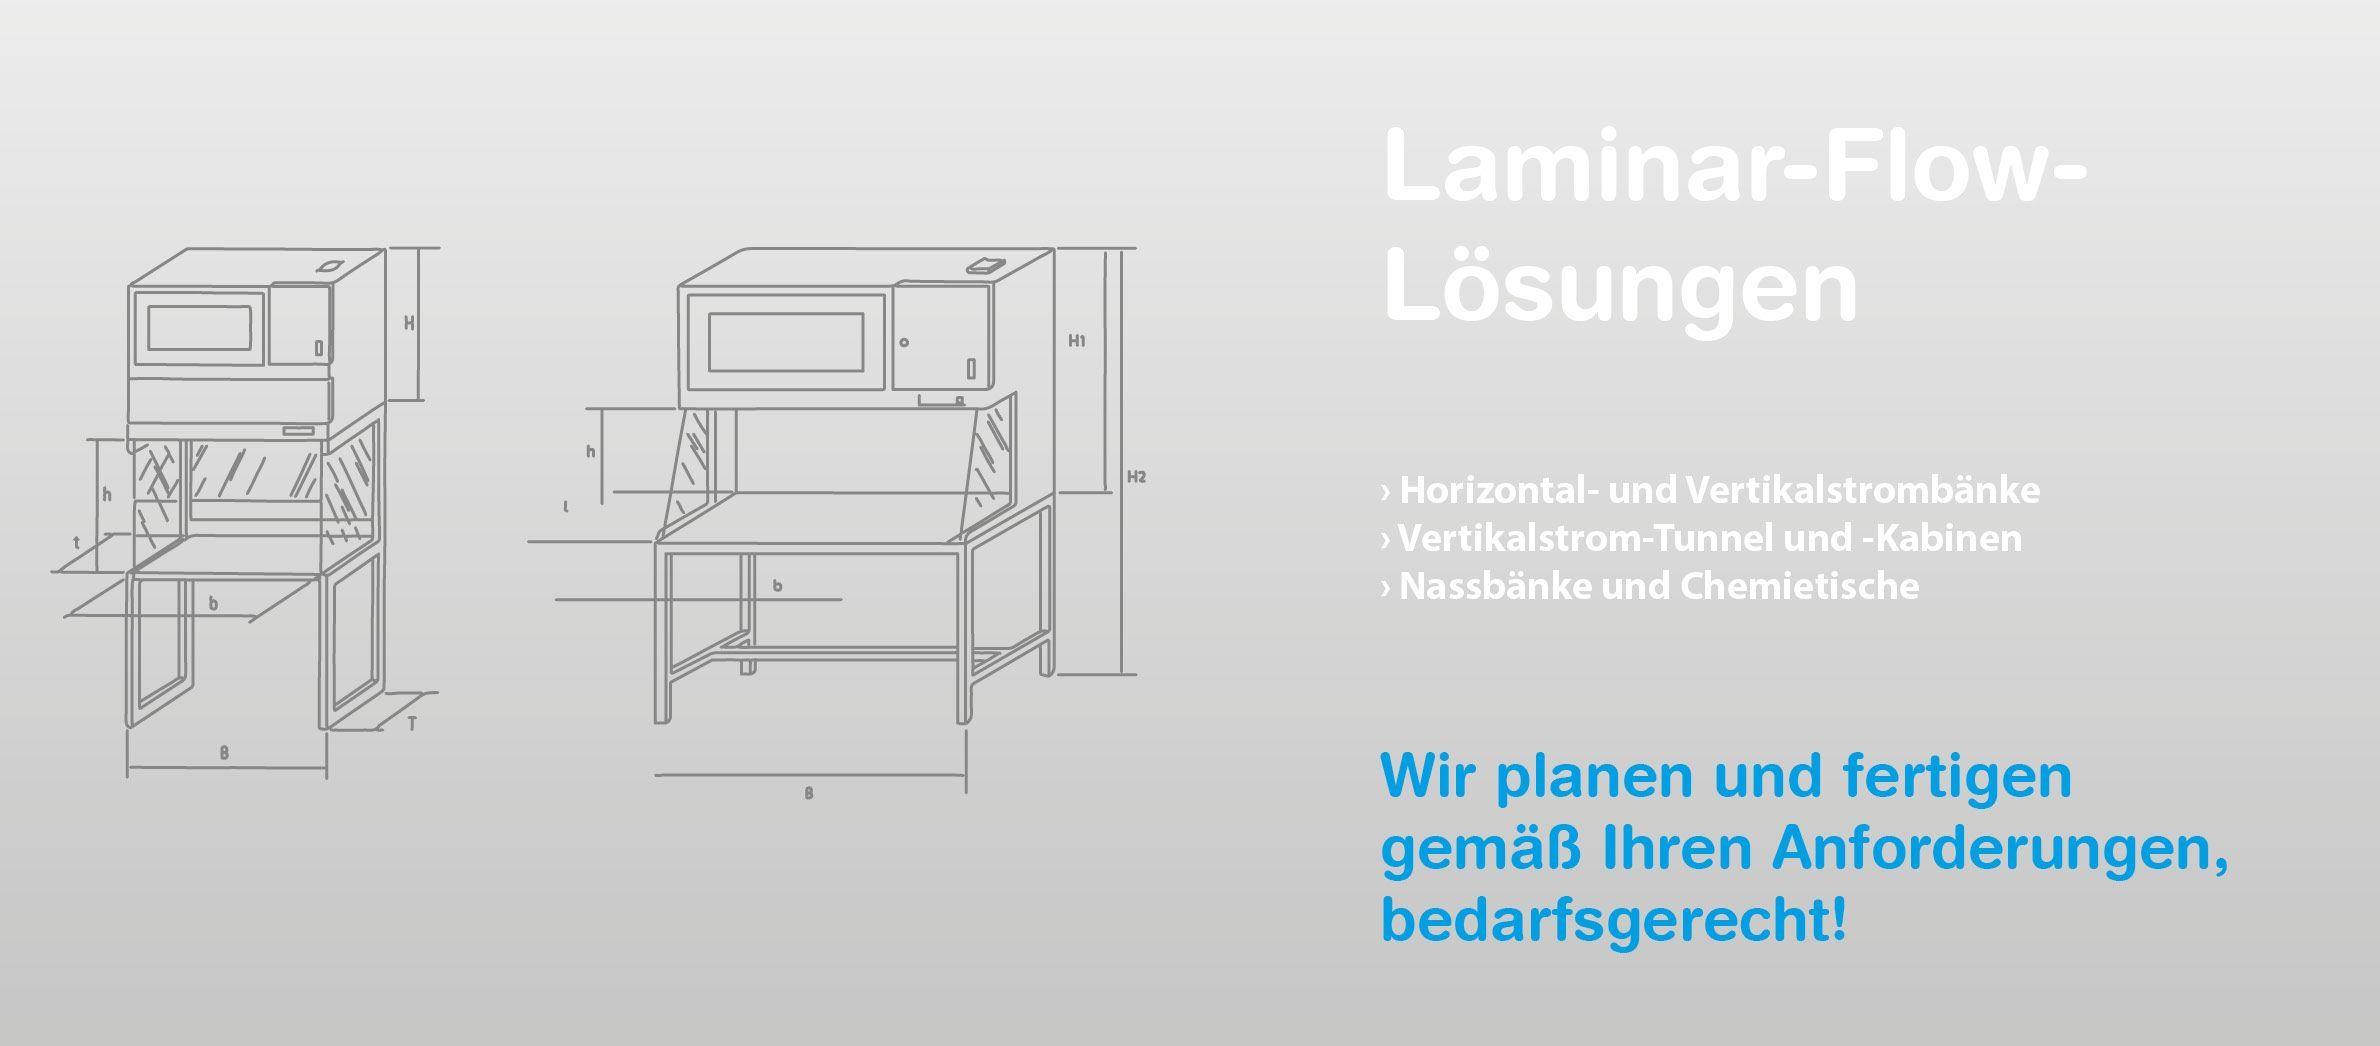 pure11-Laminar-Flow-Lösungen